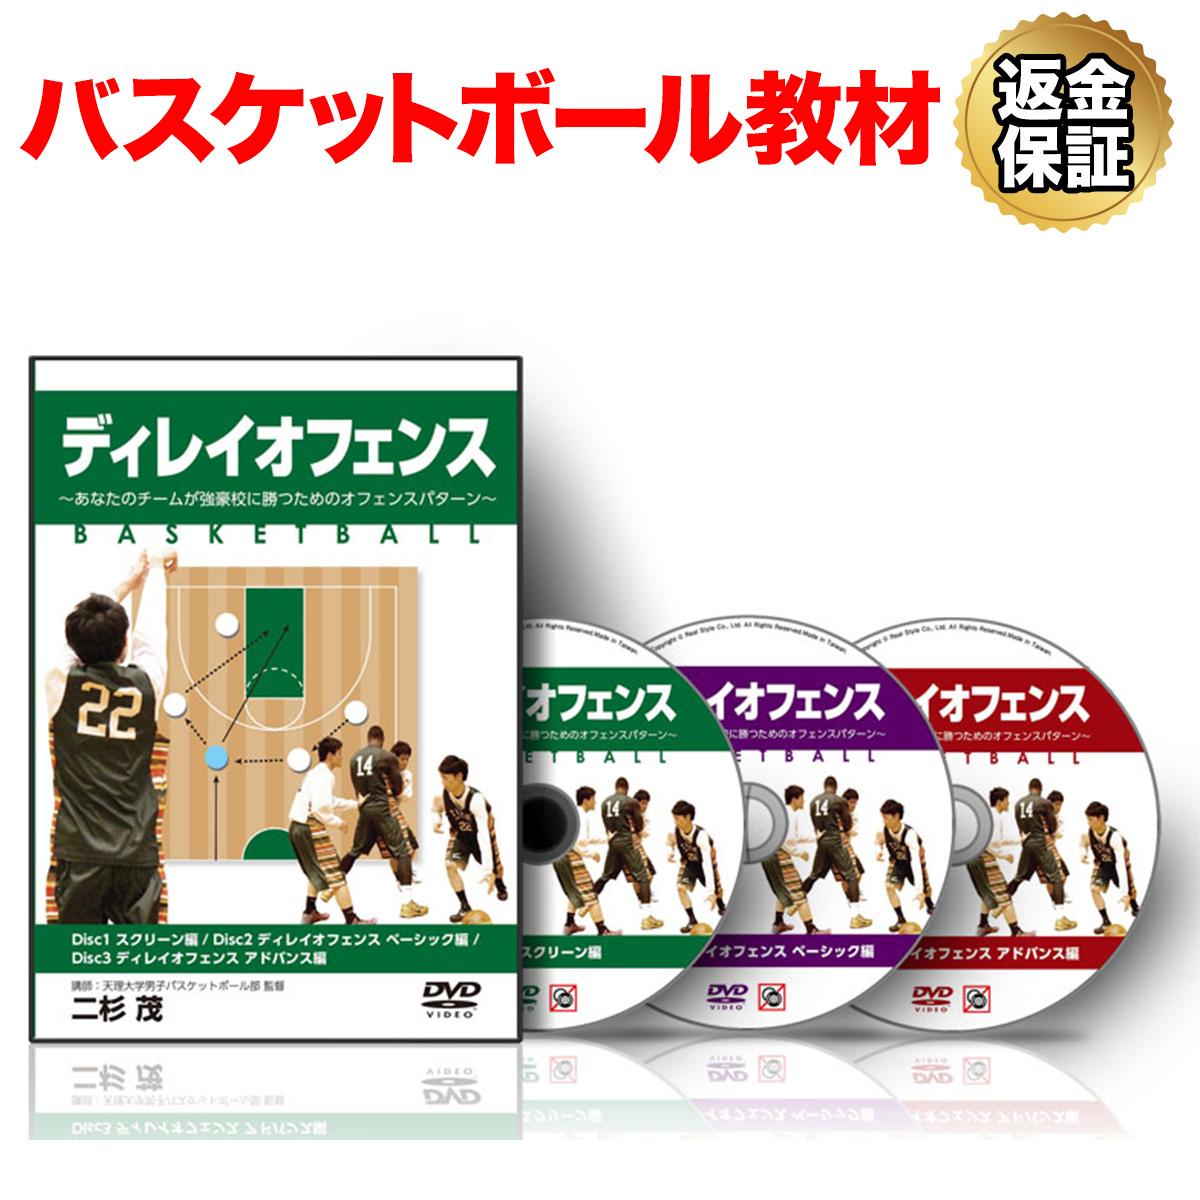 【バスケットボール】ディレイオフェンス~あなたのチームが強豪校に勝つためのオフェンスパターン~ SS